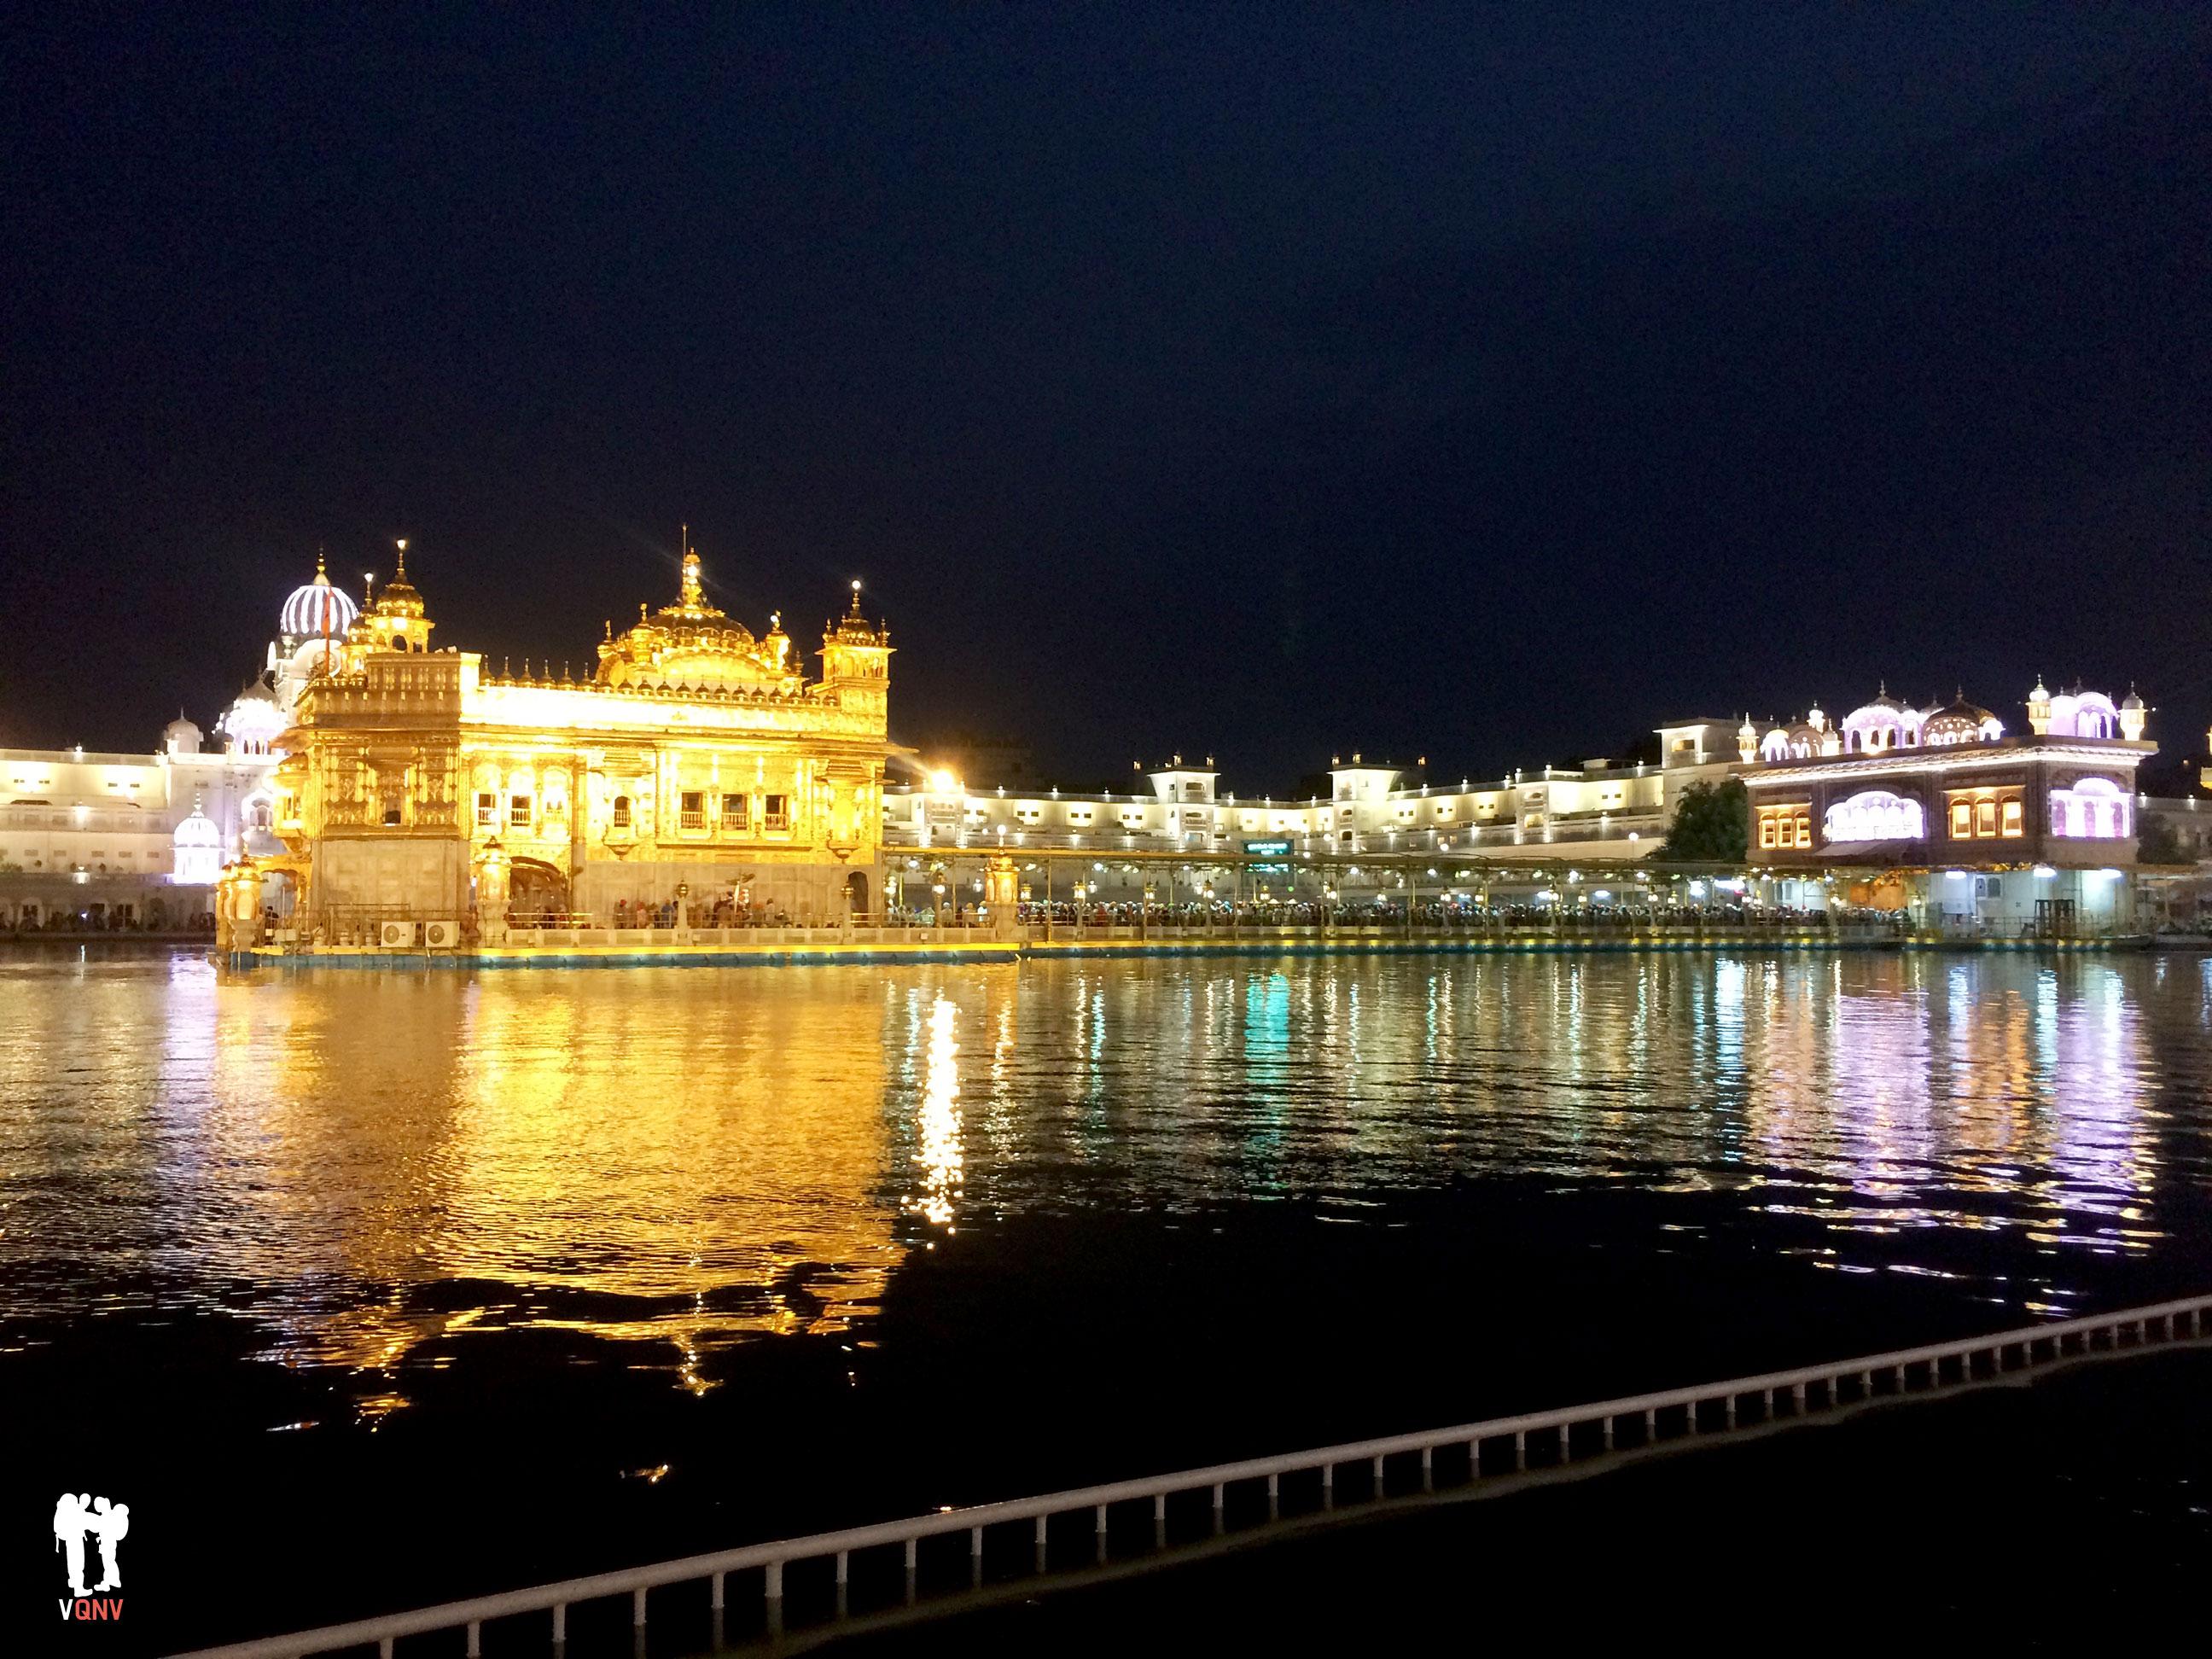 De noche, el Templo Dorado se ilumina